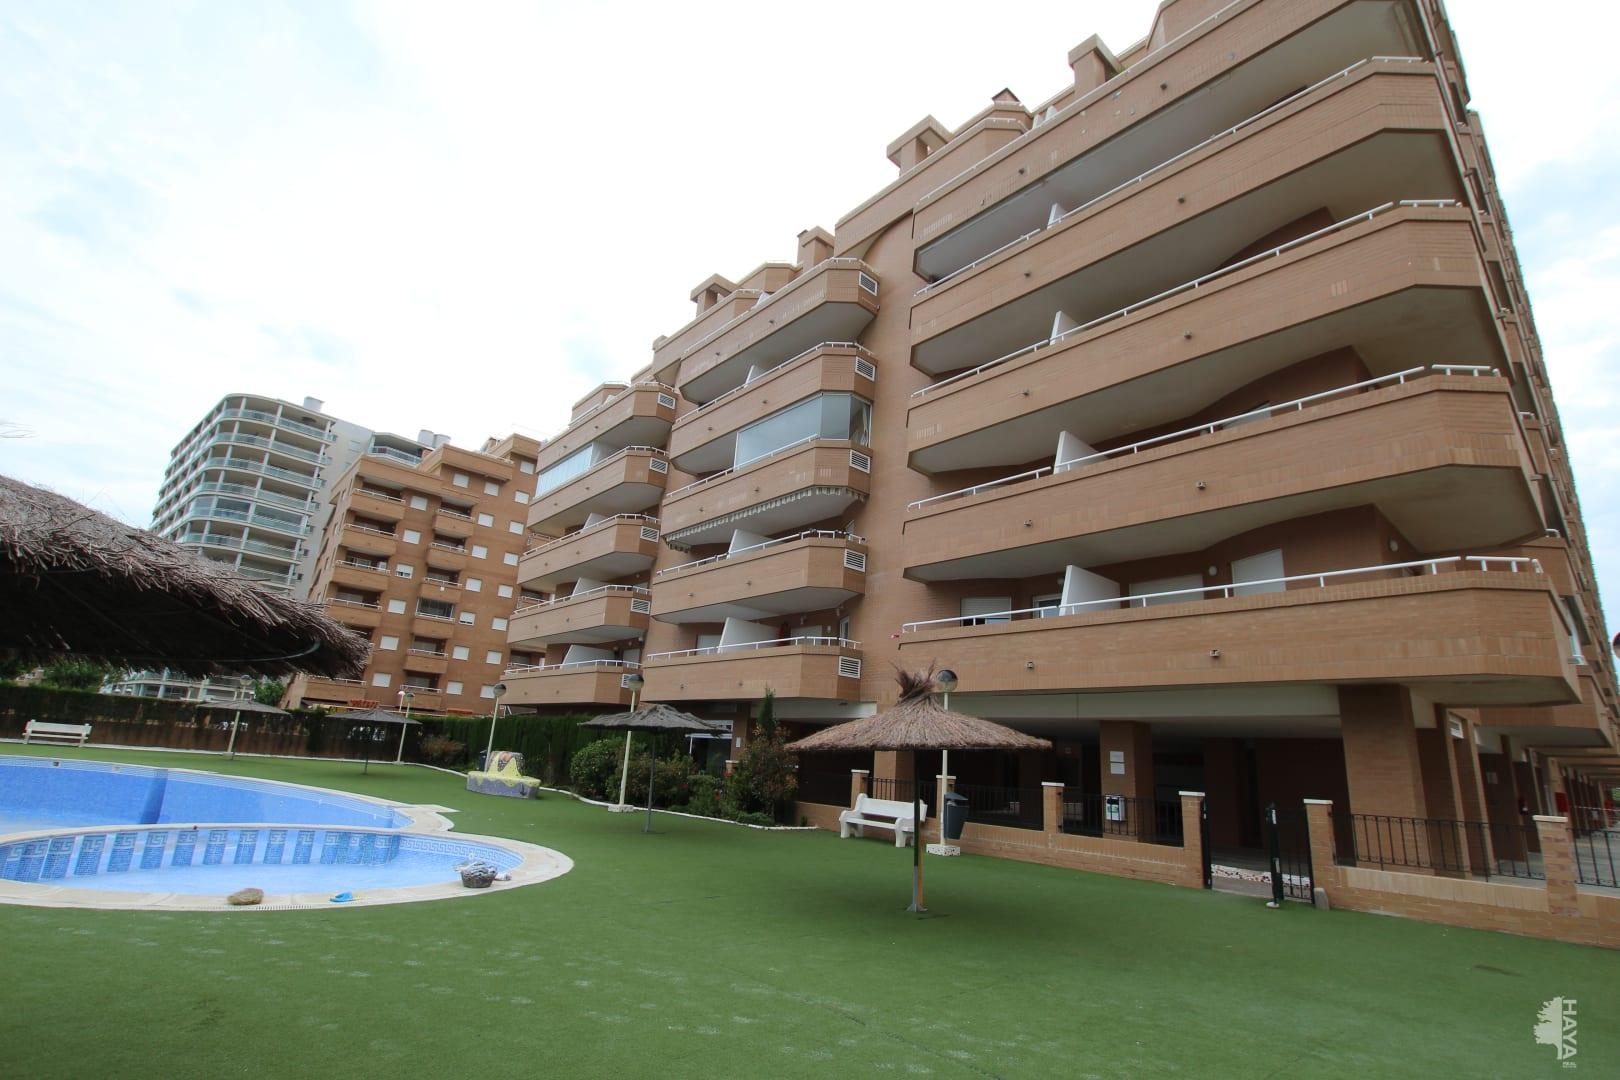 Piso en venta en Les Amplaries, Oropesa del Mar/orpesa, Castellón, Calle Amplaries, 82.000 €, 2 habitaciones, 1 baño, 96 m2